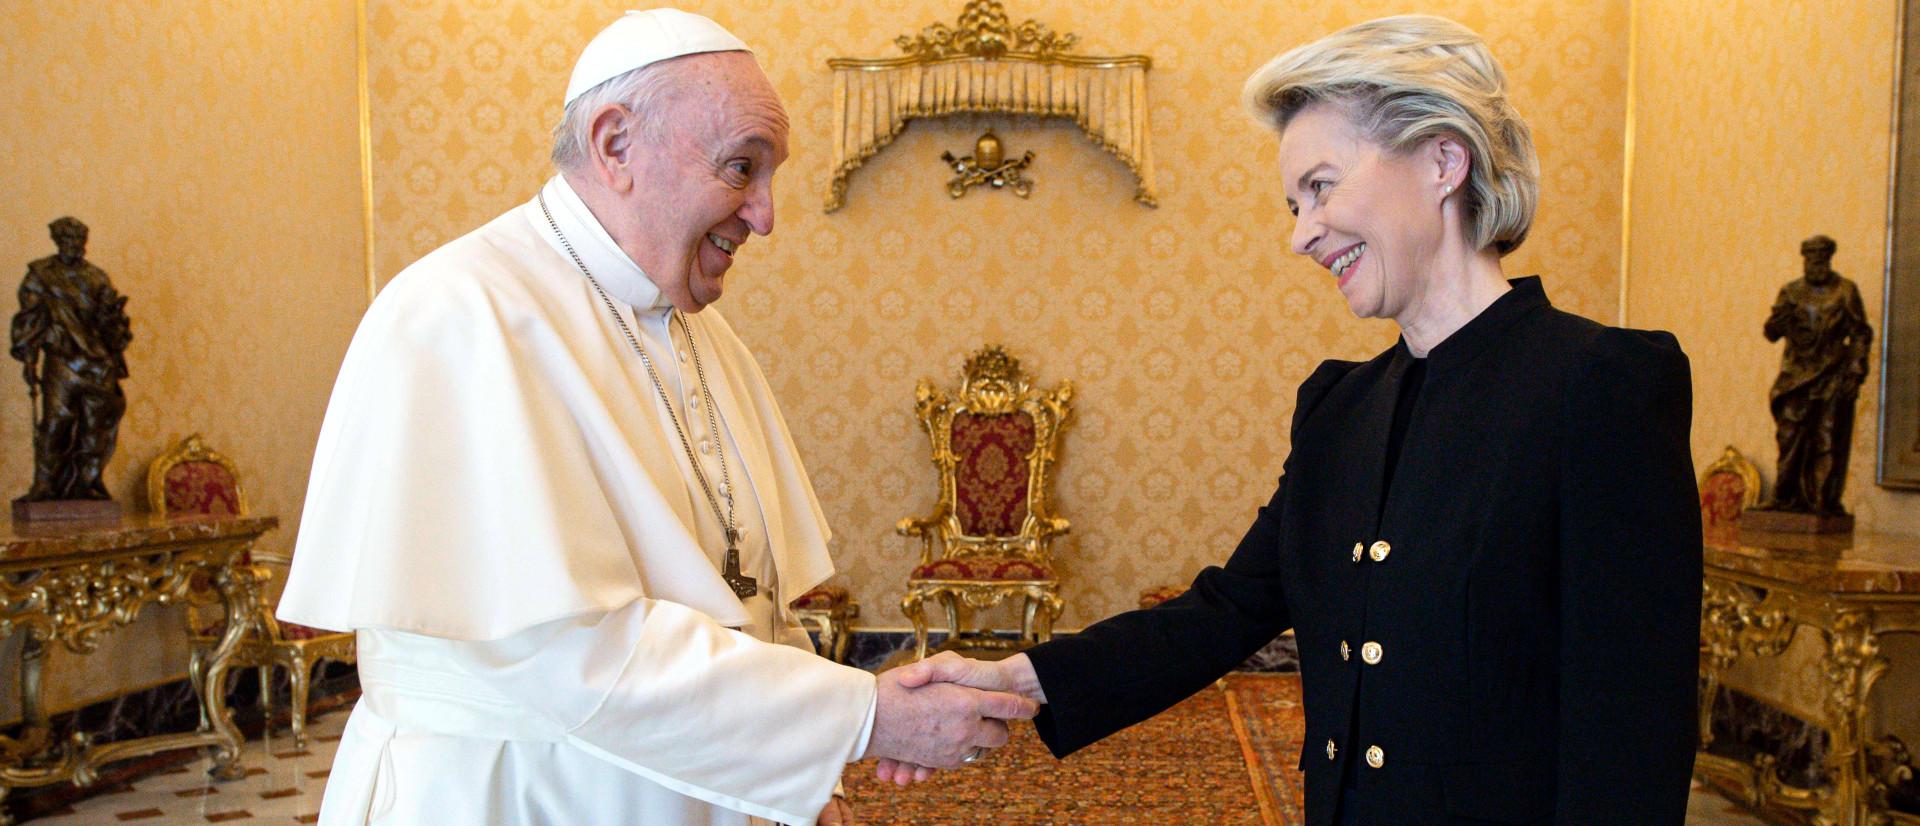 Papst Franziskus und Ursula von der Leyen